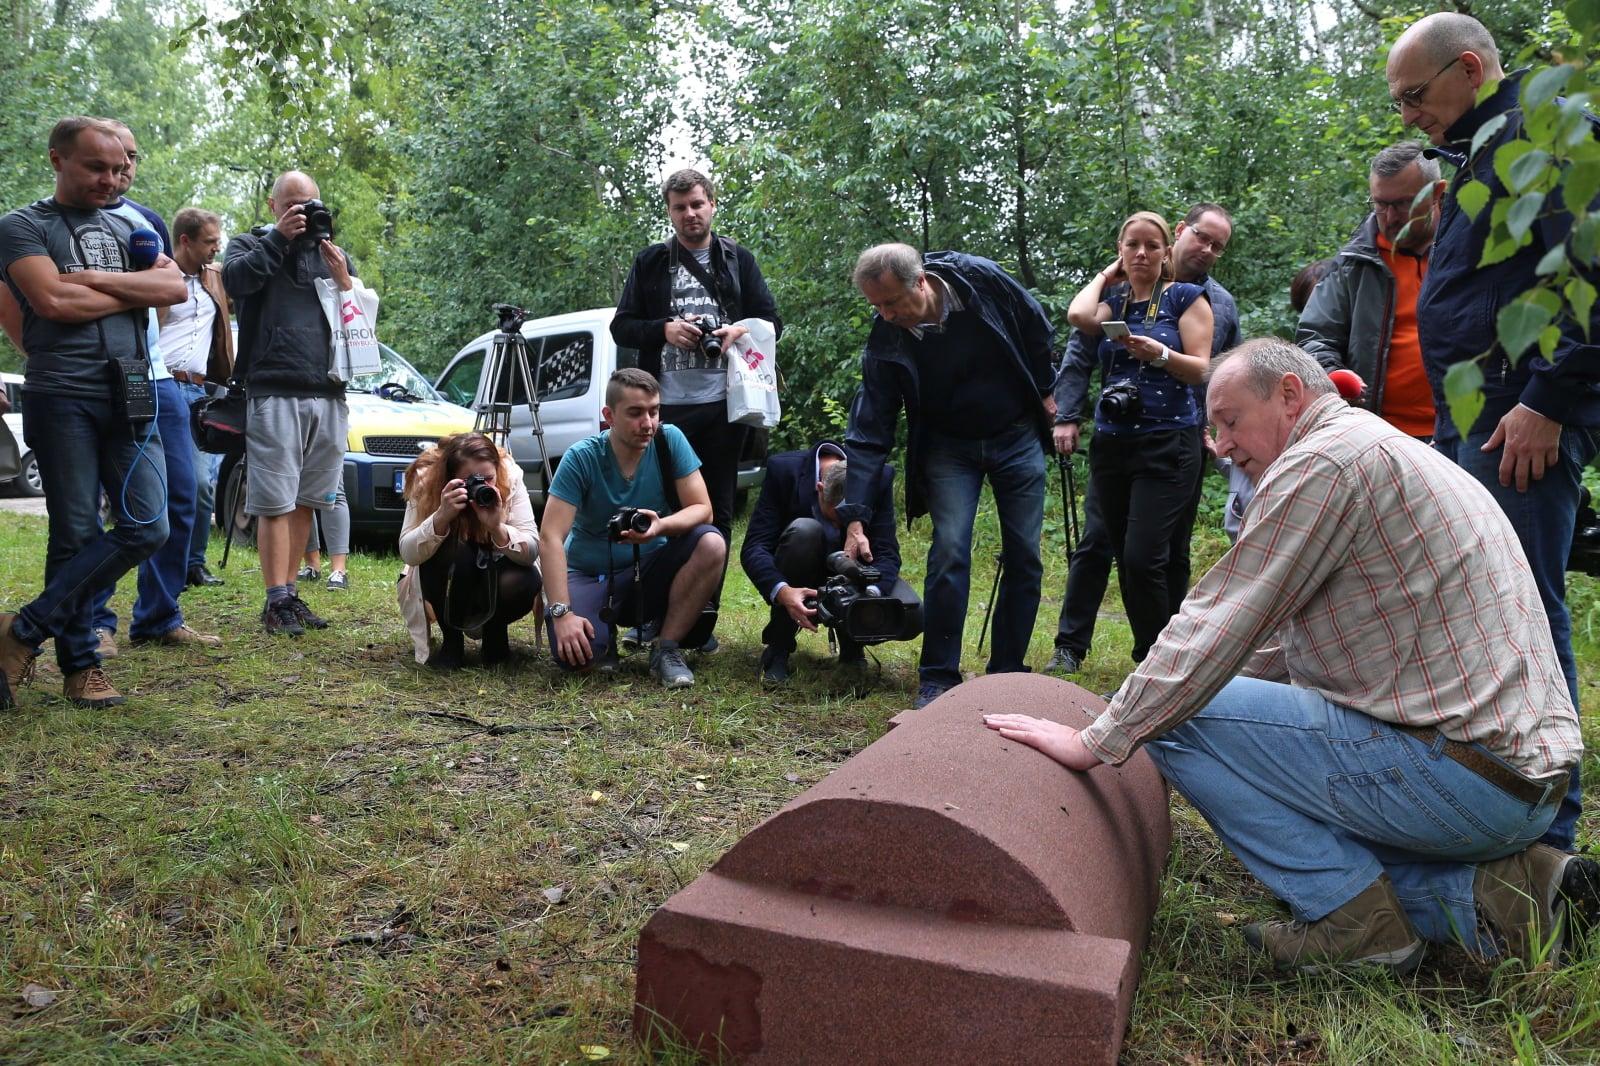 Innowacyjne schronisko dla jeży, wspierane przez spółkę Tauron Dystrybucja, którego twórcą jest Piotr Gleńsk, fot. PAP/Andrzej Grygiel